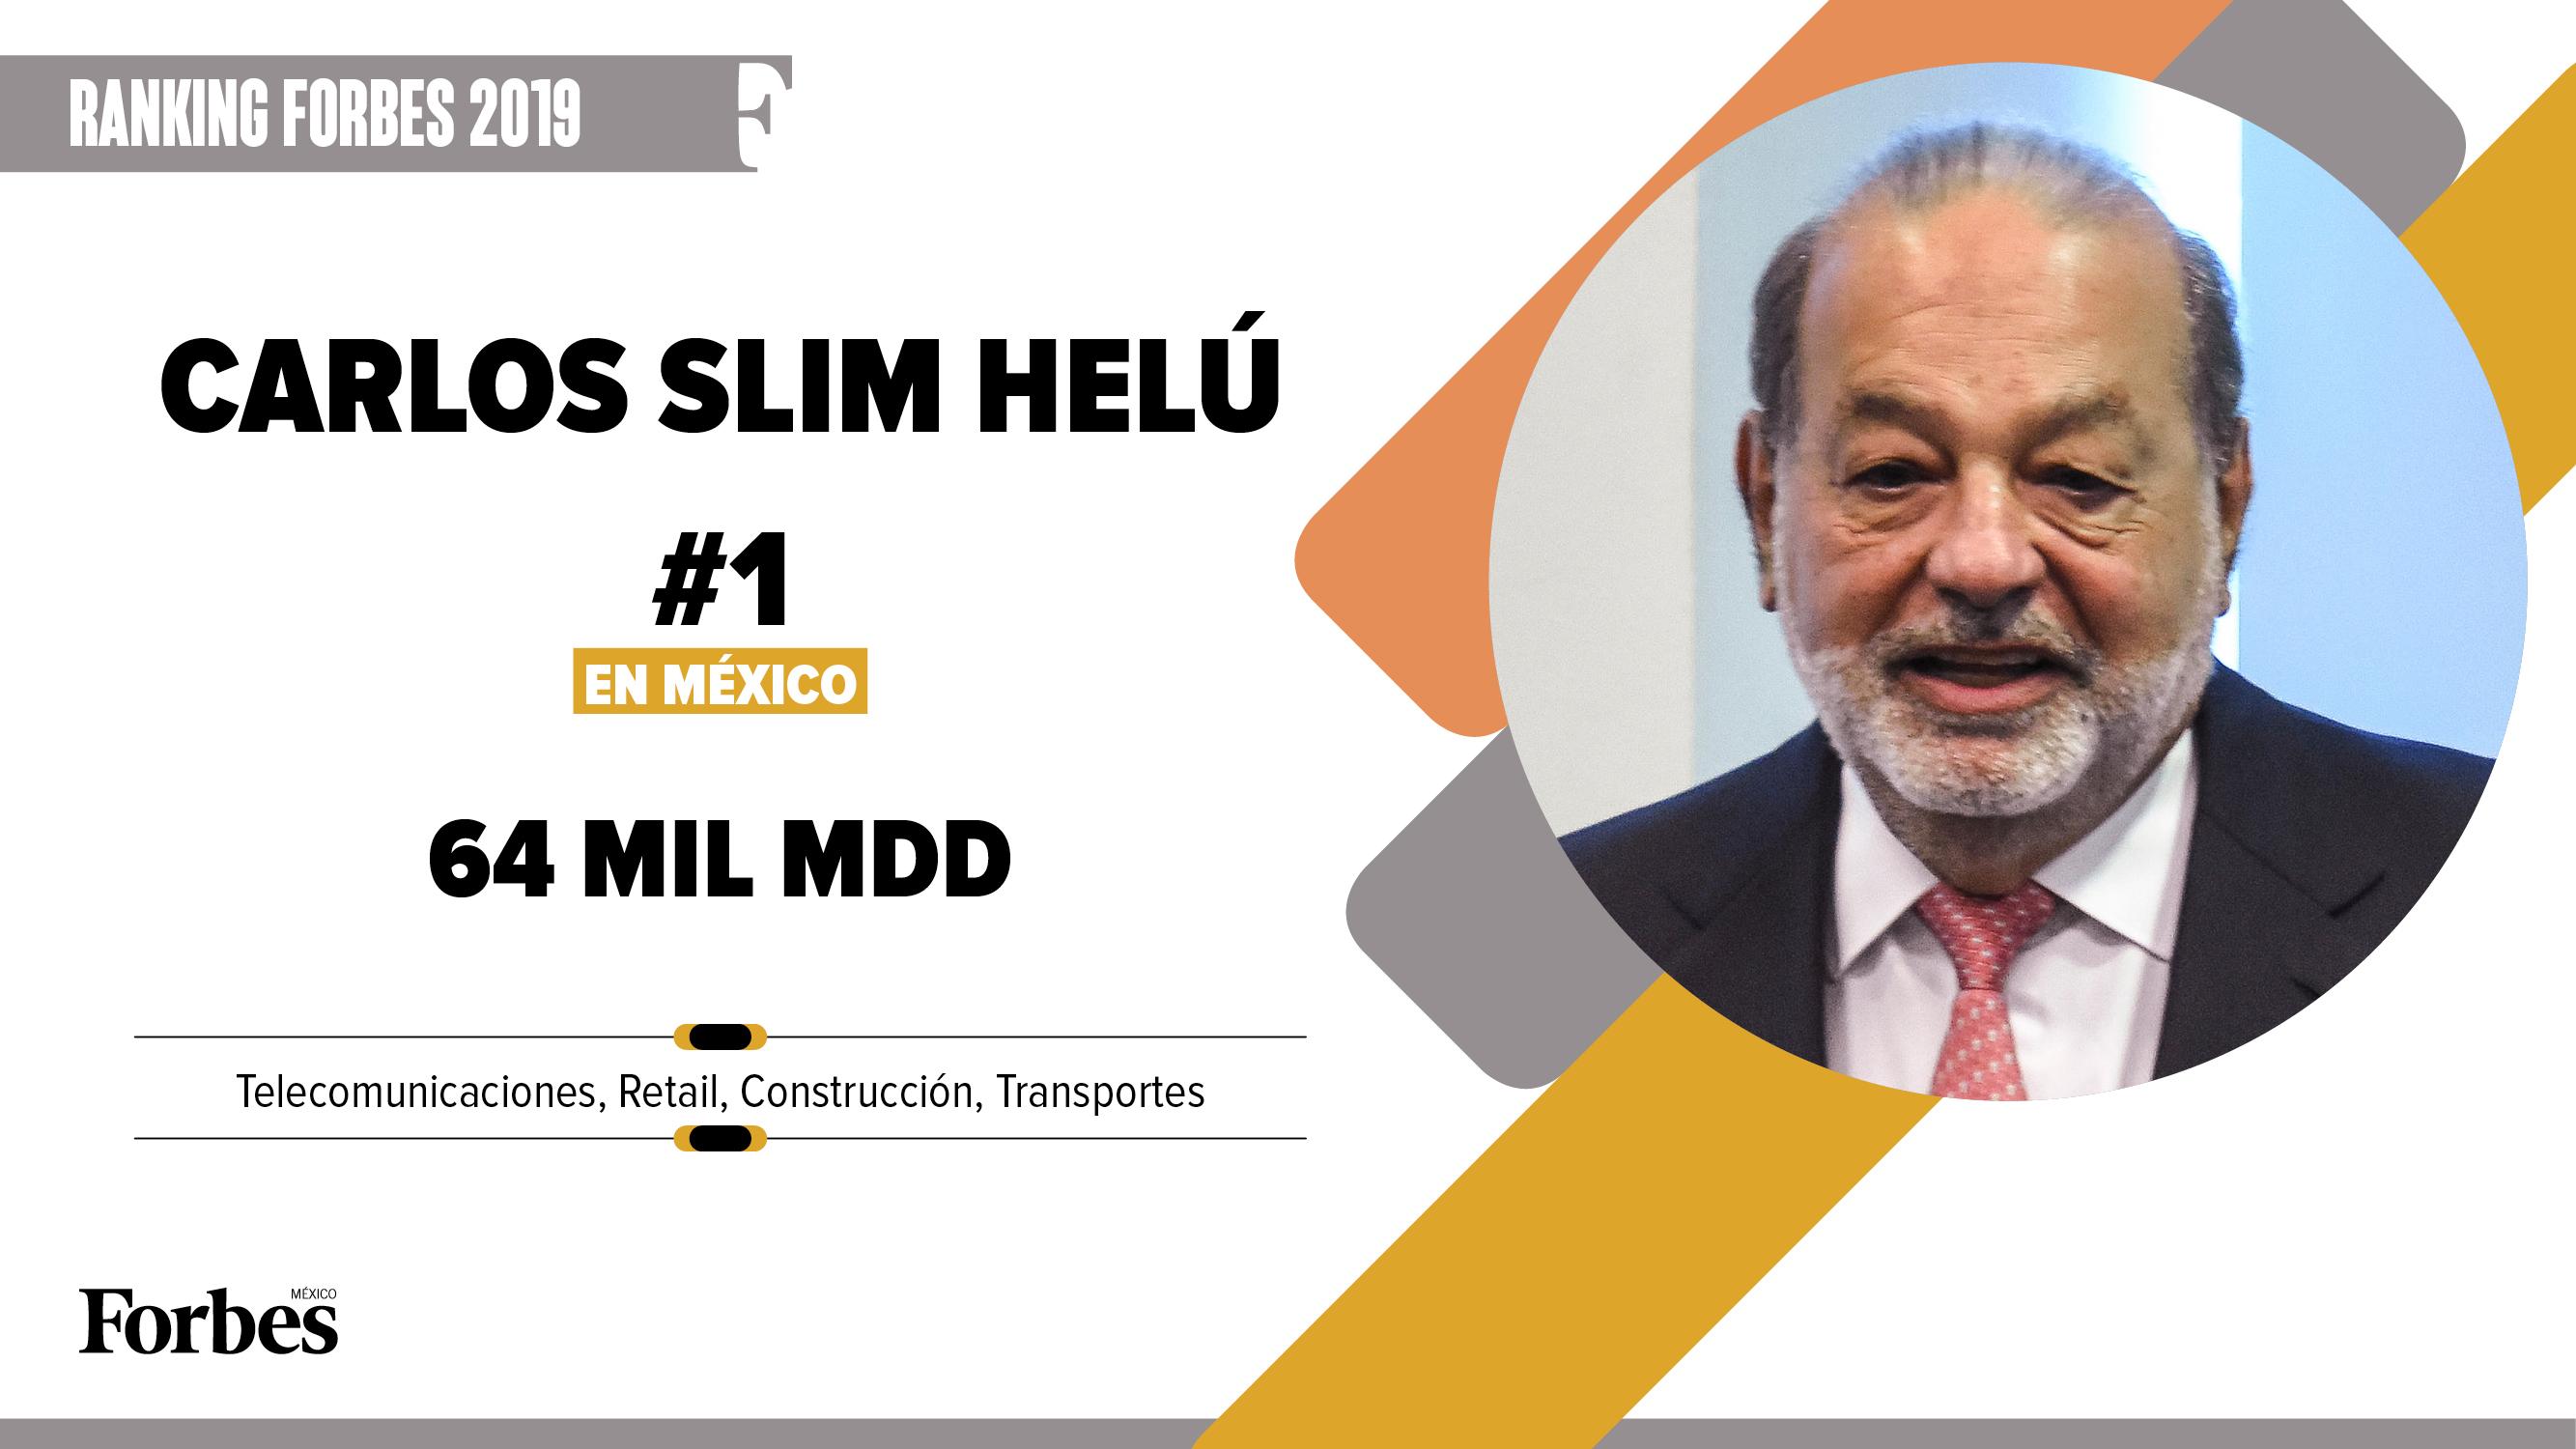 Billionaires 2019 | El eterno Carlos Slim Helú, el quinto más rico del mundo